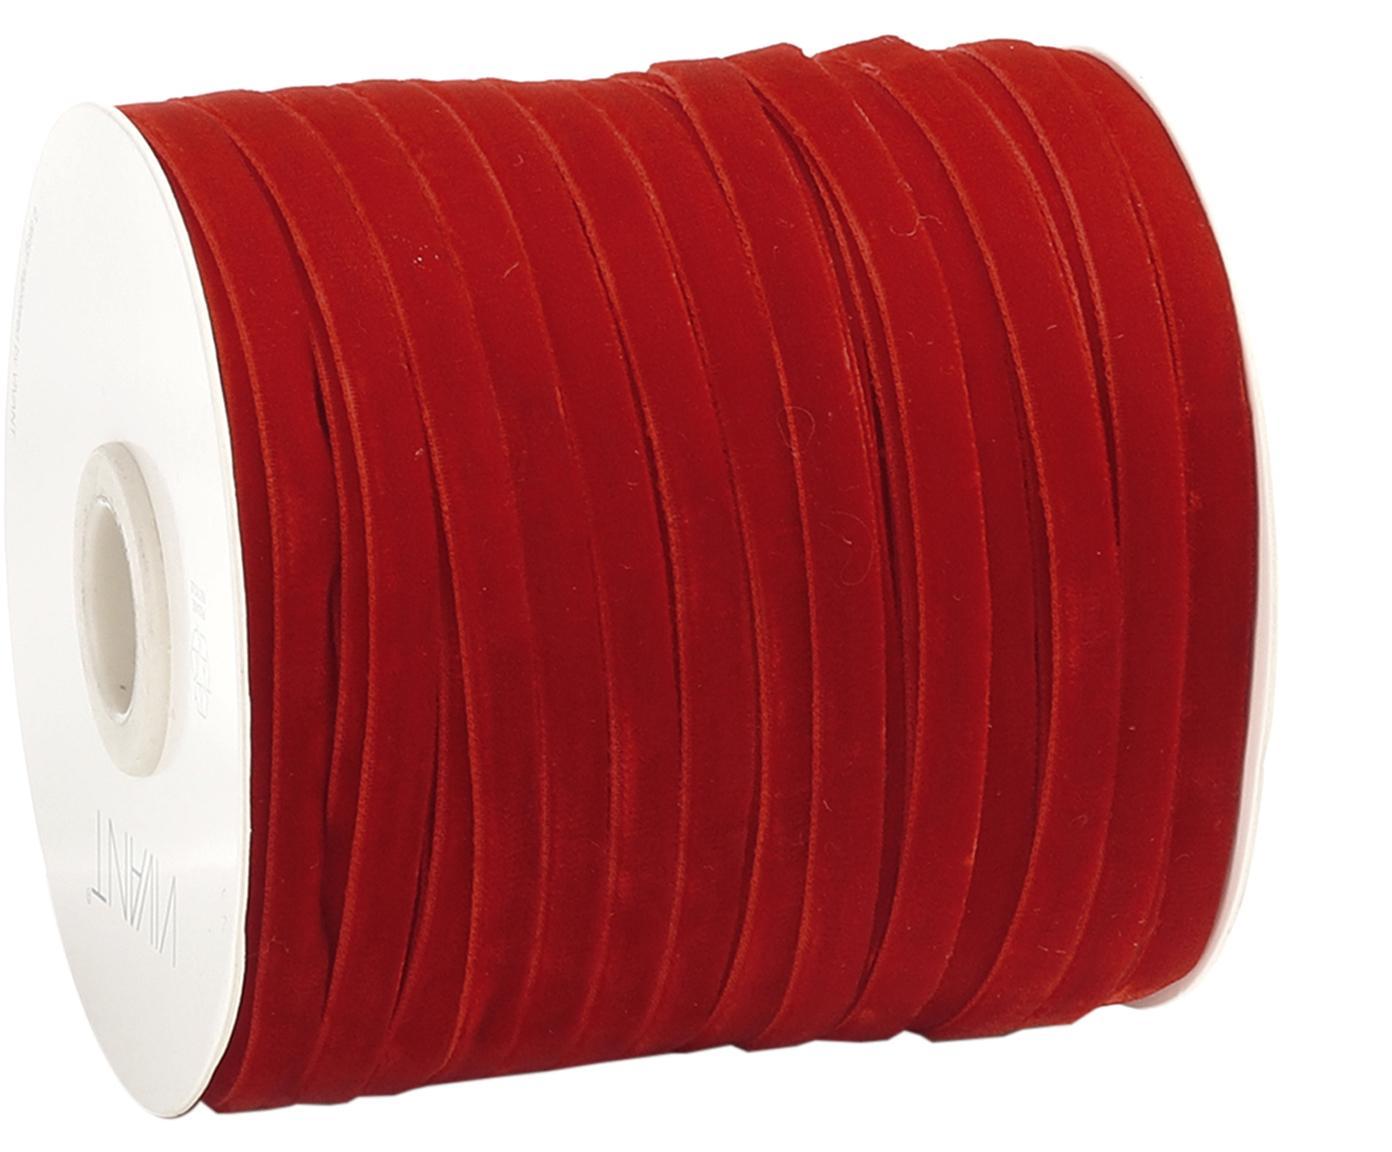 Wstążka prezentowa Velveta, Nylon, Czerwony, S 0,6 x D 10000 cm